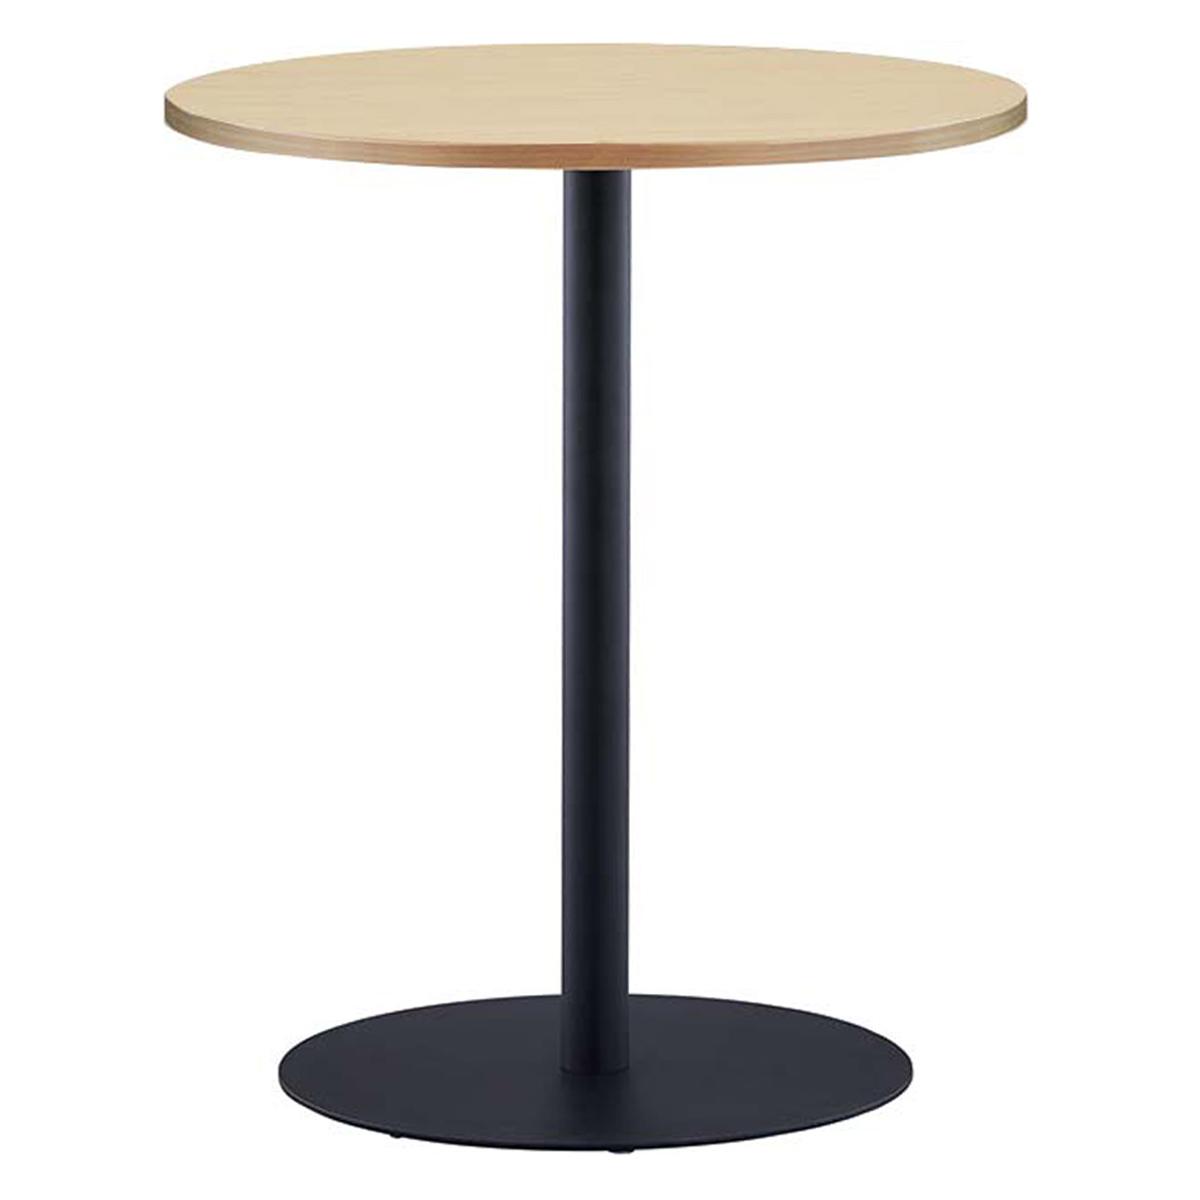 オフィス用リフレッシュテーブルIII ブラック脚タイプ W600 D600 H700  ナチュラル